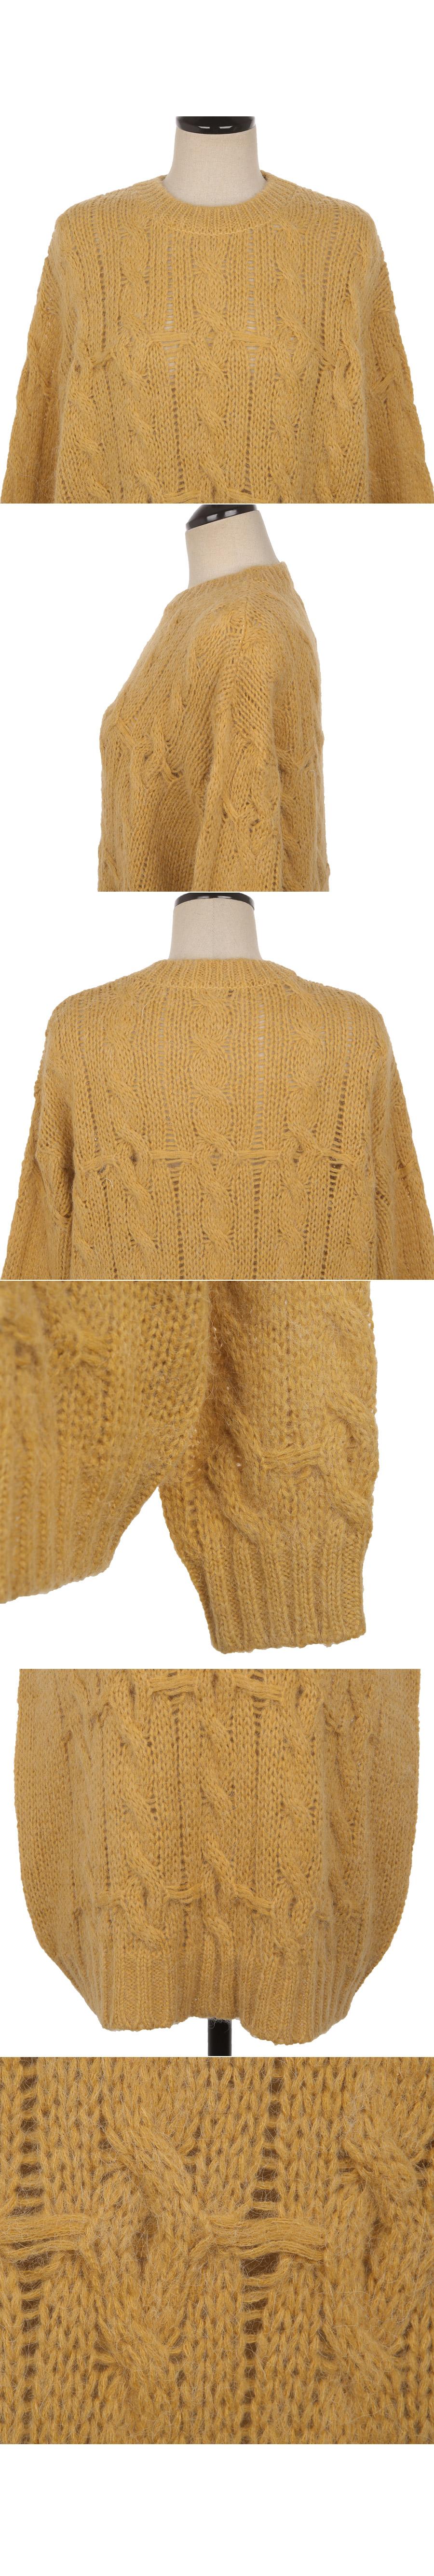 Arc pretzel knit